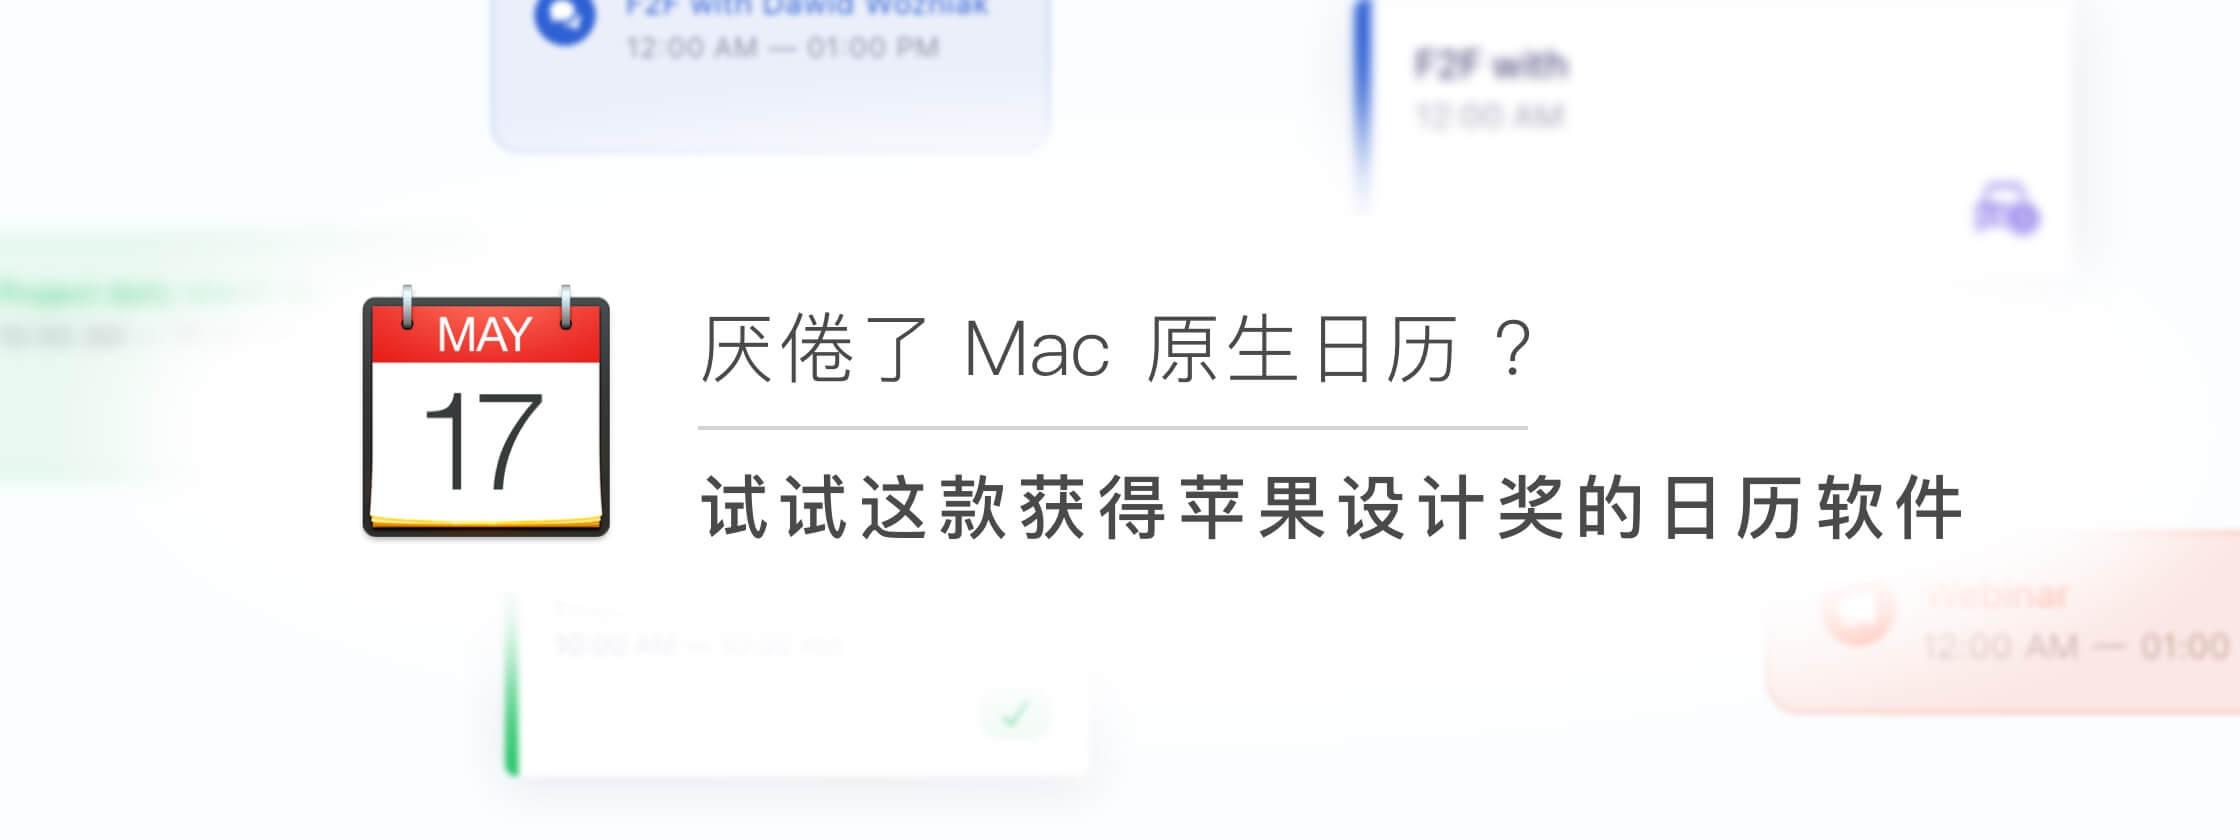 厌倦了 Mac 原生日历?试试这款拿过苹果设计奖的日历软件:Fantastical 2